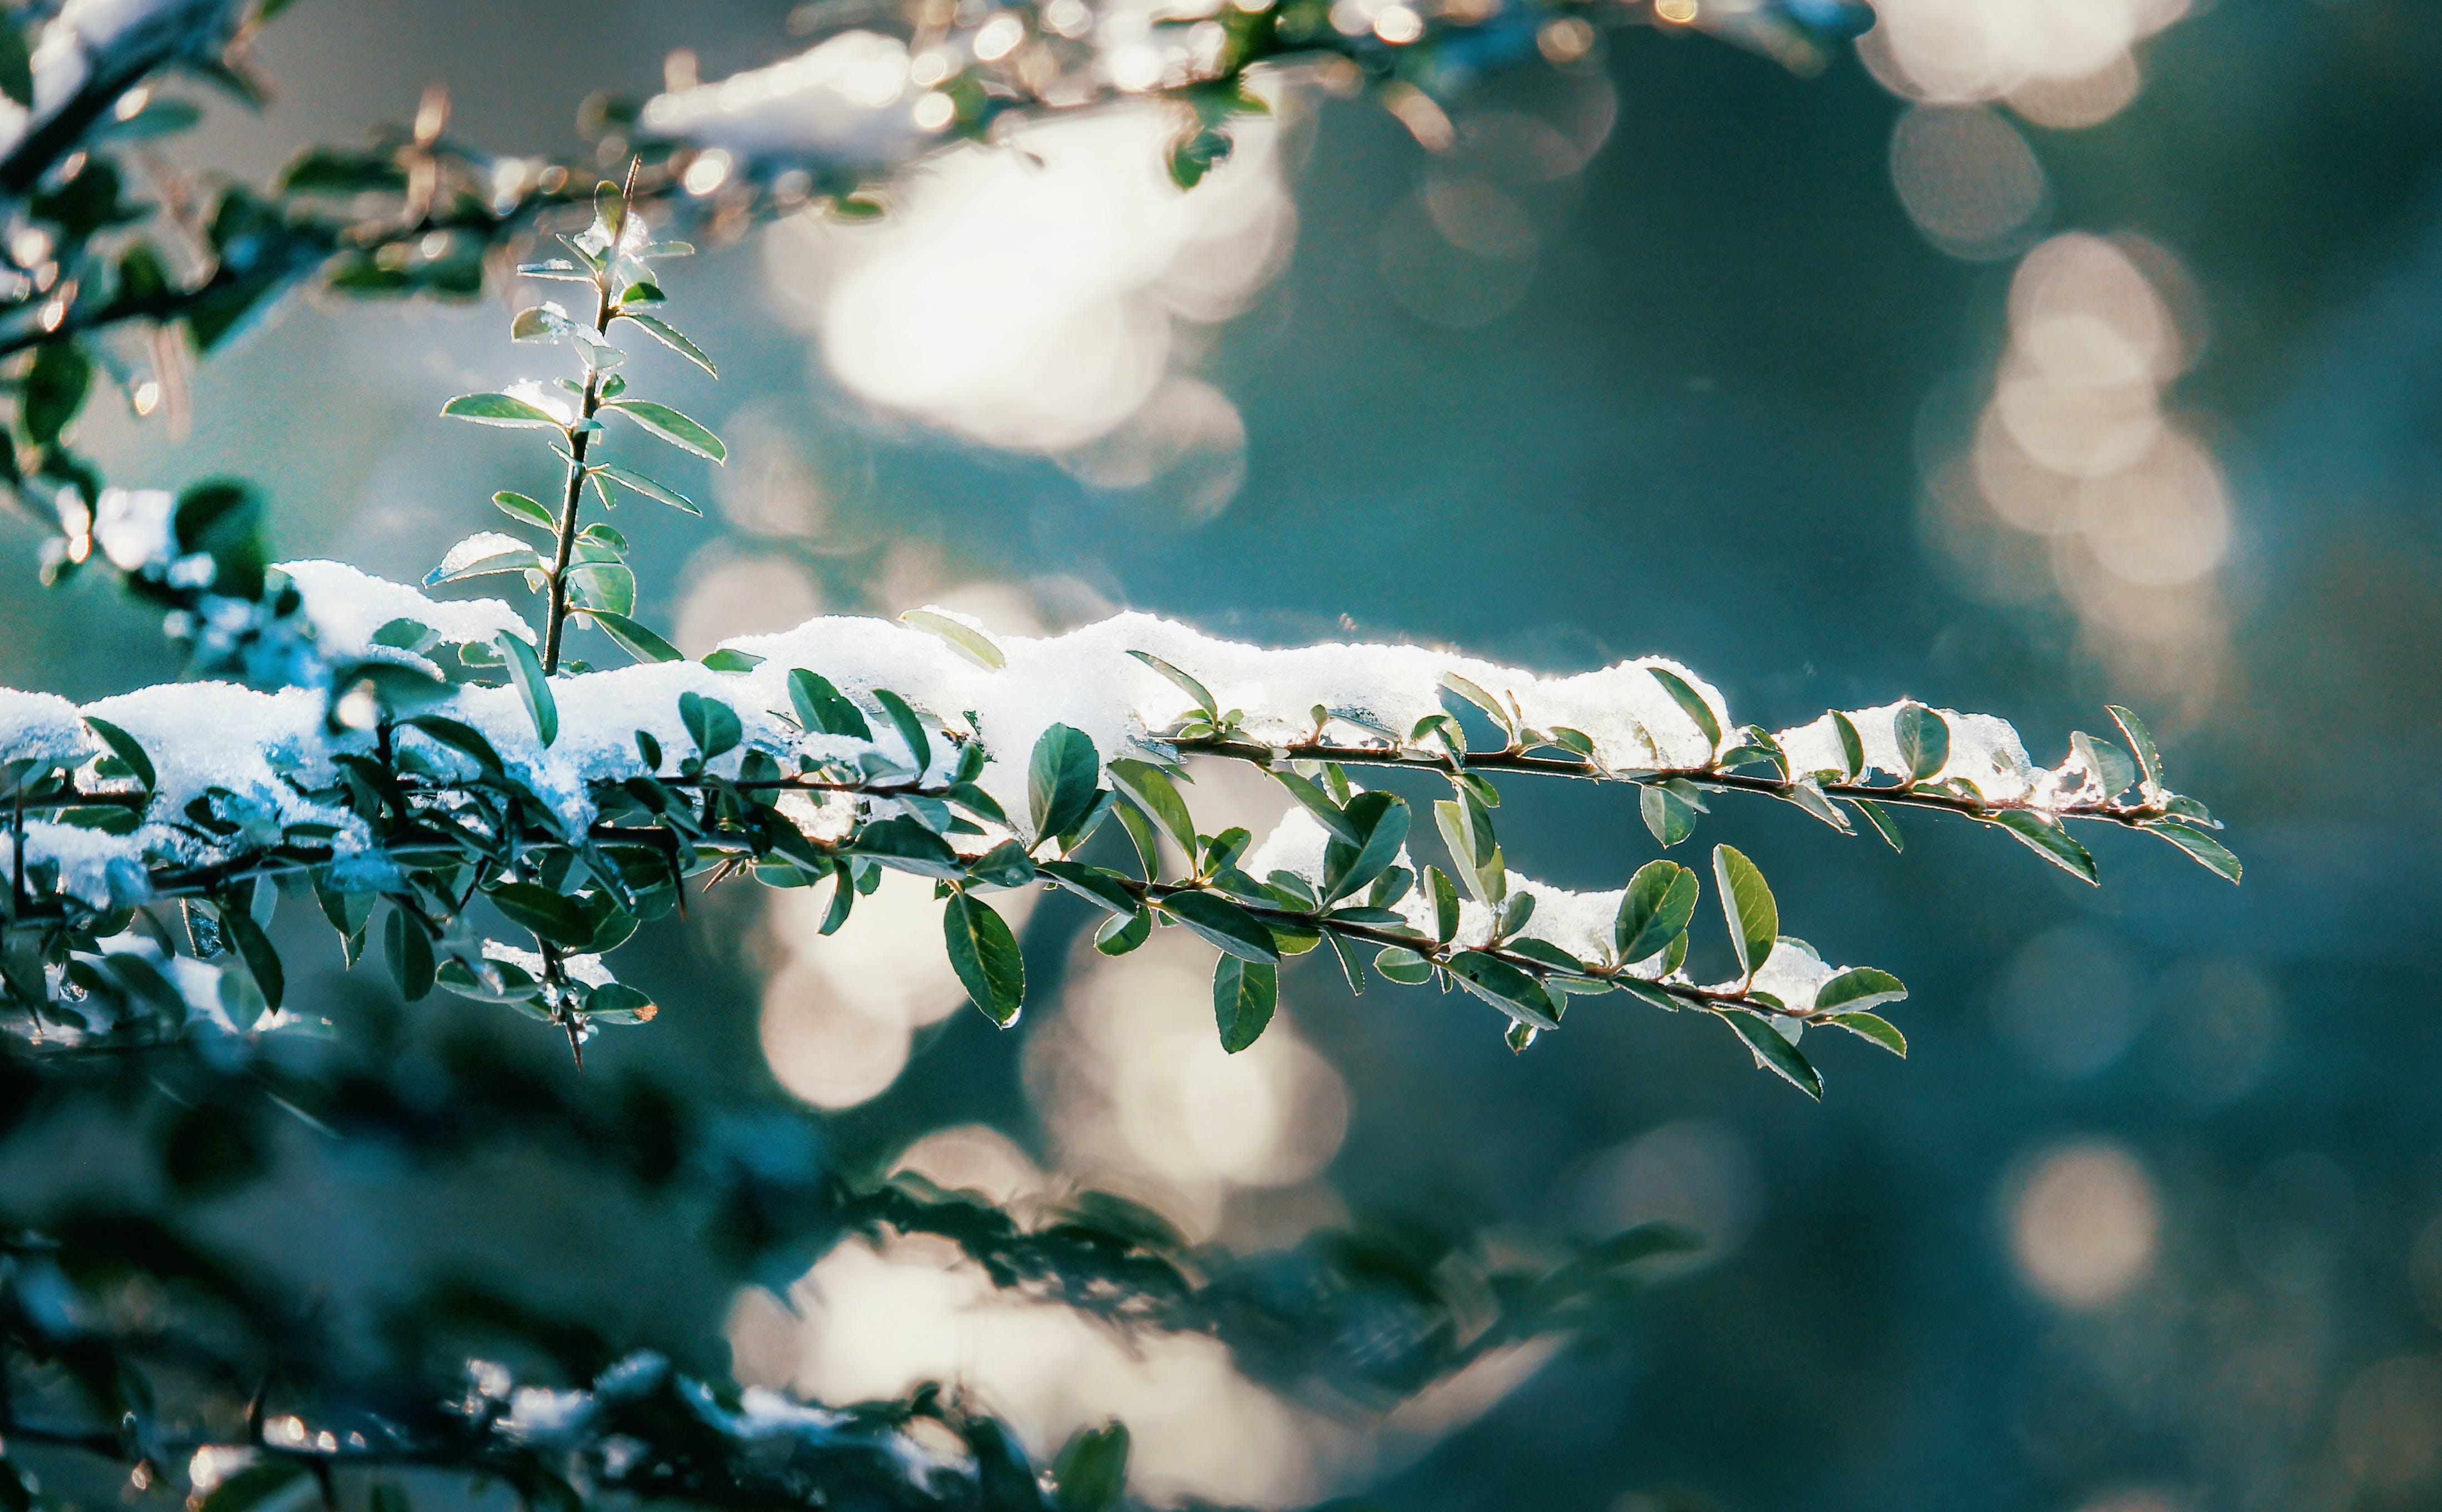 コールド, 光, 冬